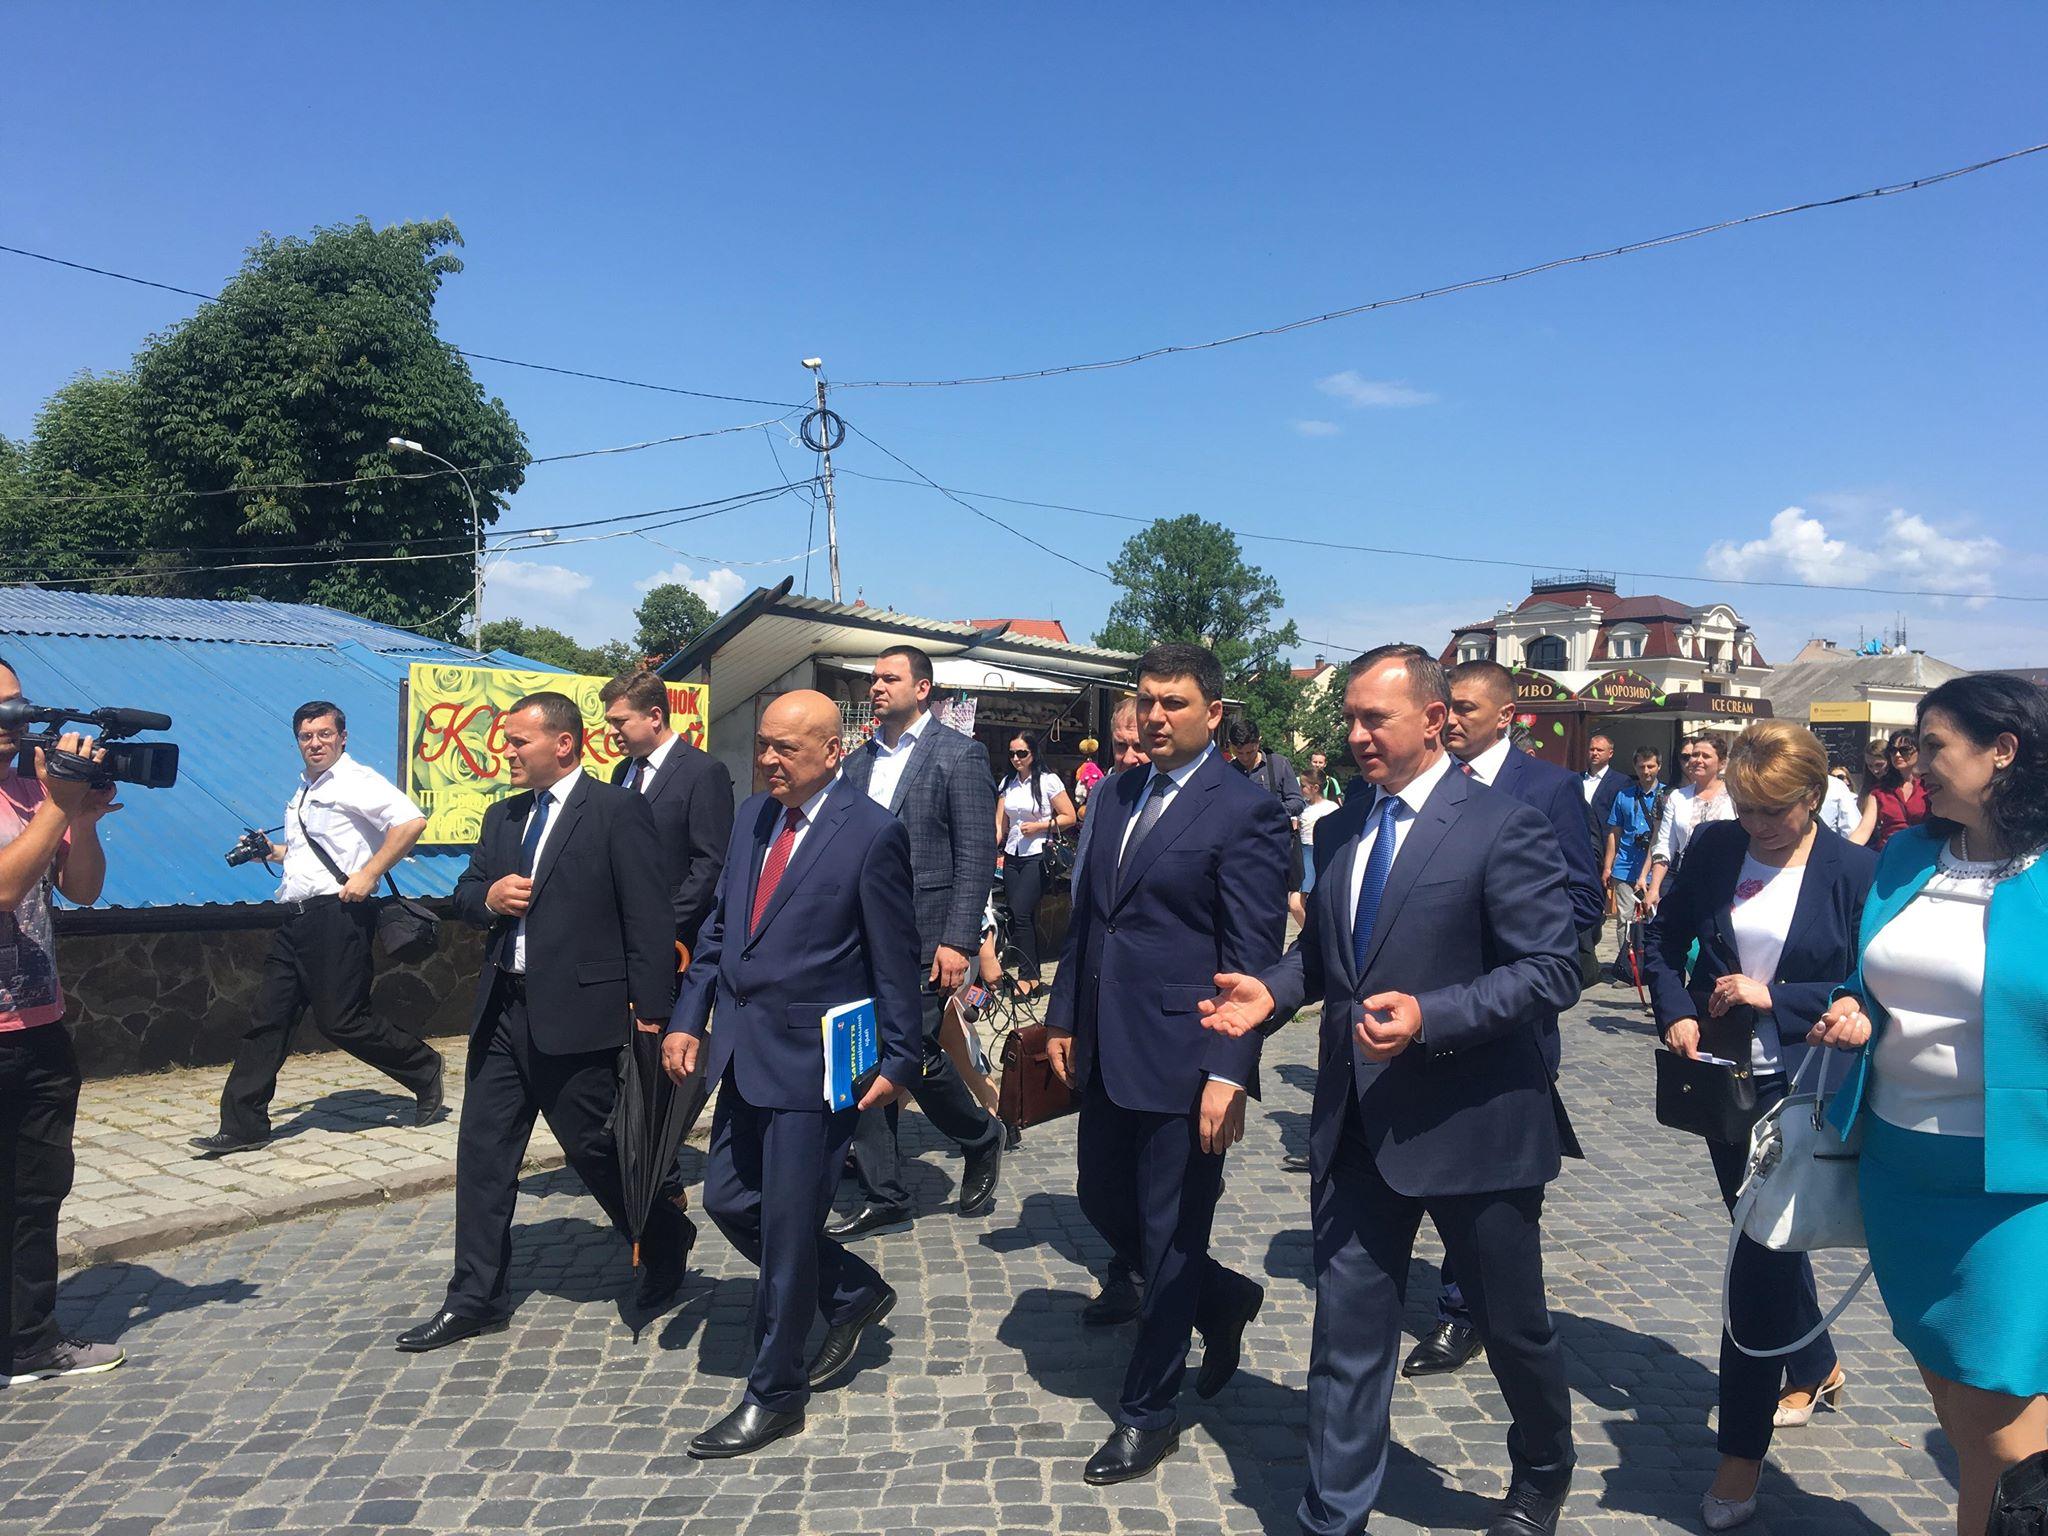 Пішки по катакомбах: Володимир Гройсман прогулявся площею Петефі